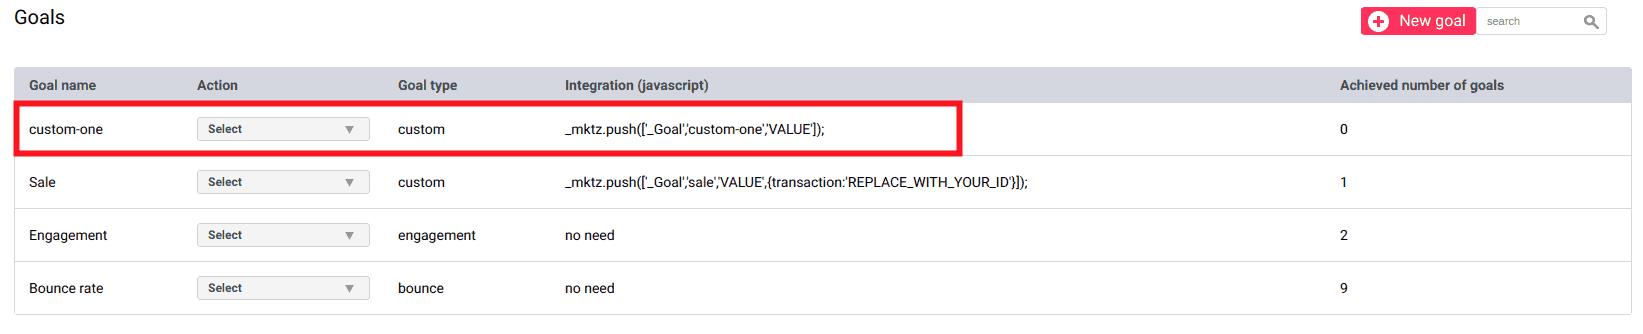 omniconvert custom goal details